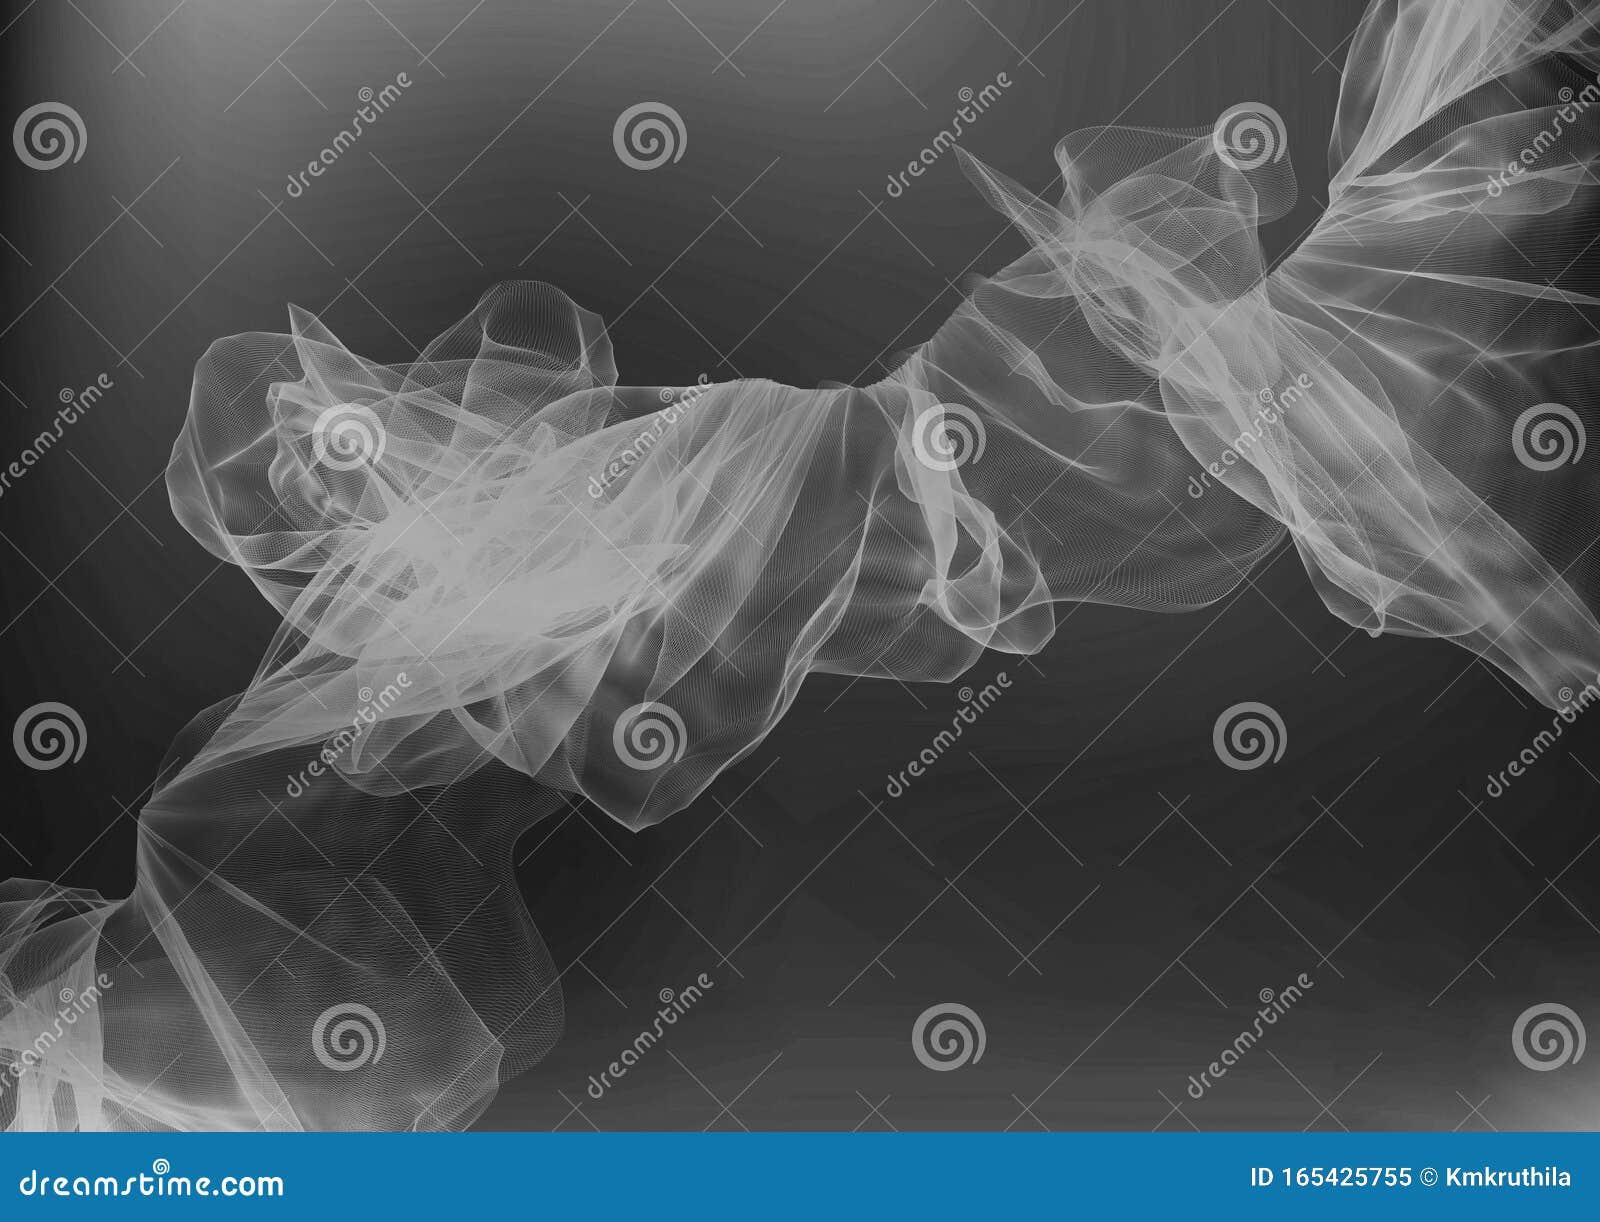 Cool Grey Smoke Background Stock Image Image Of Decoration 165425755